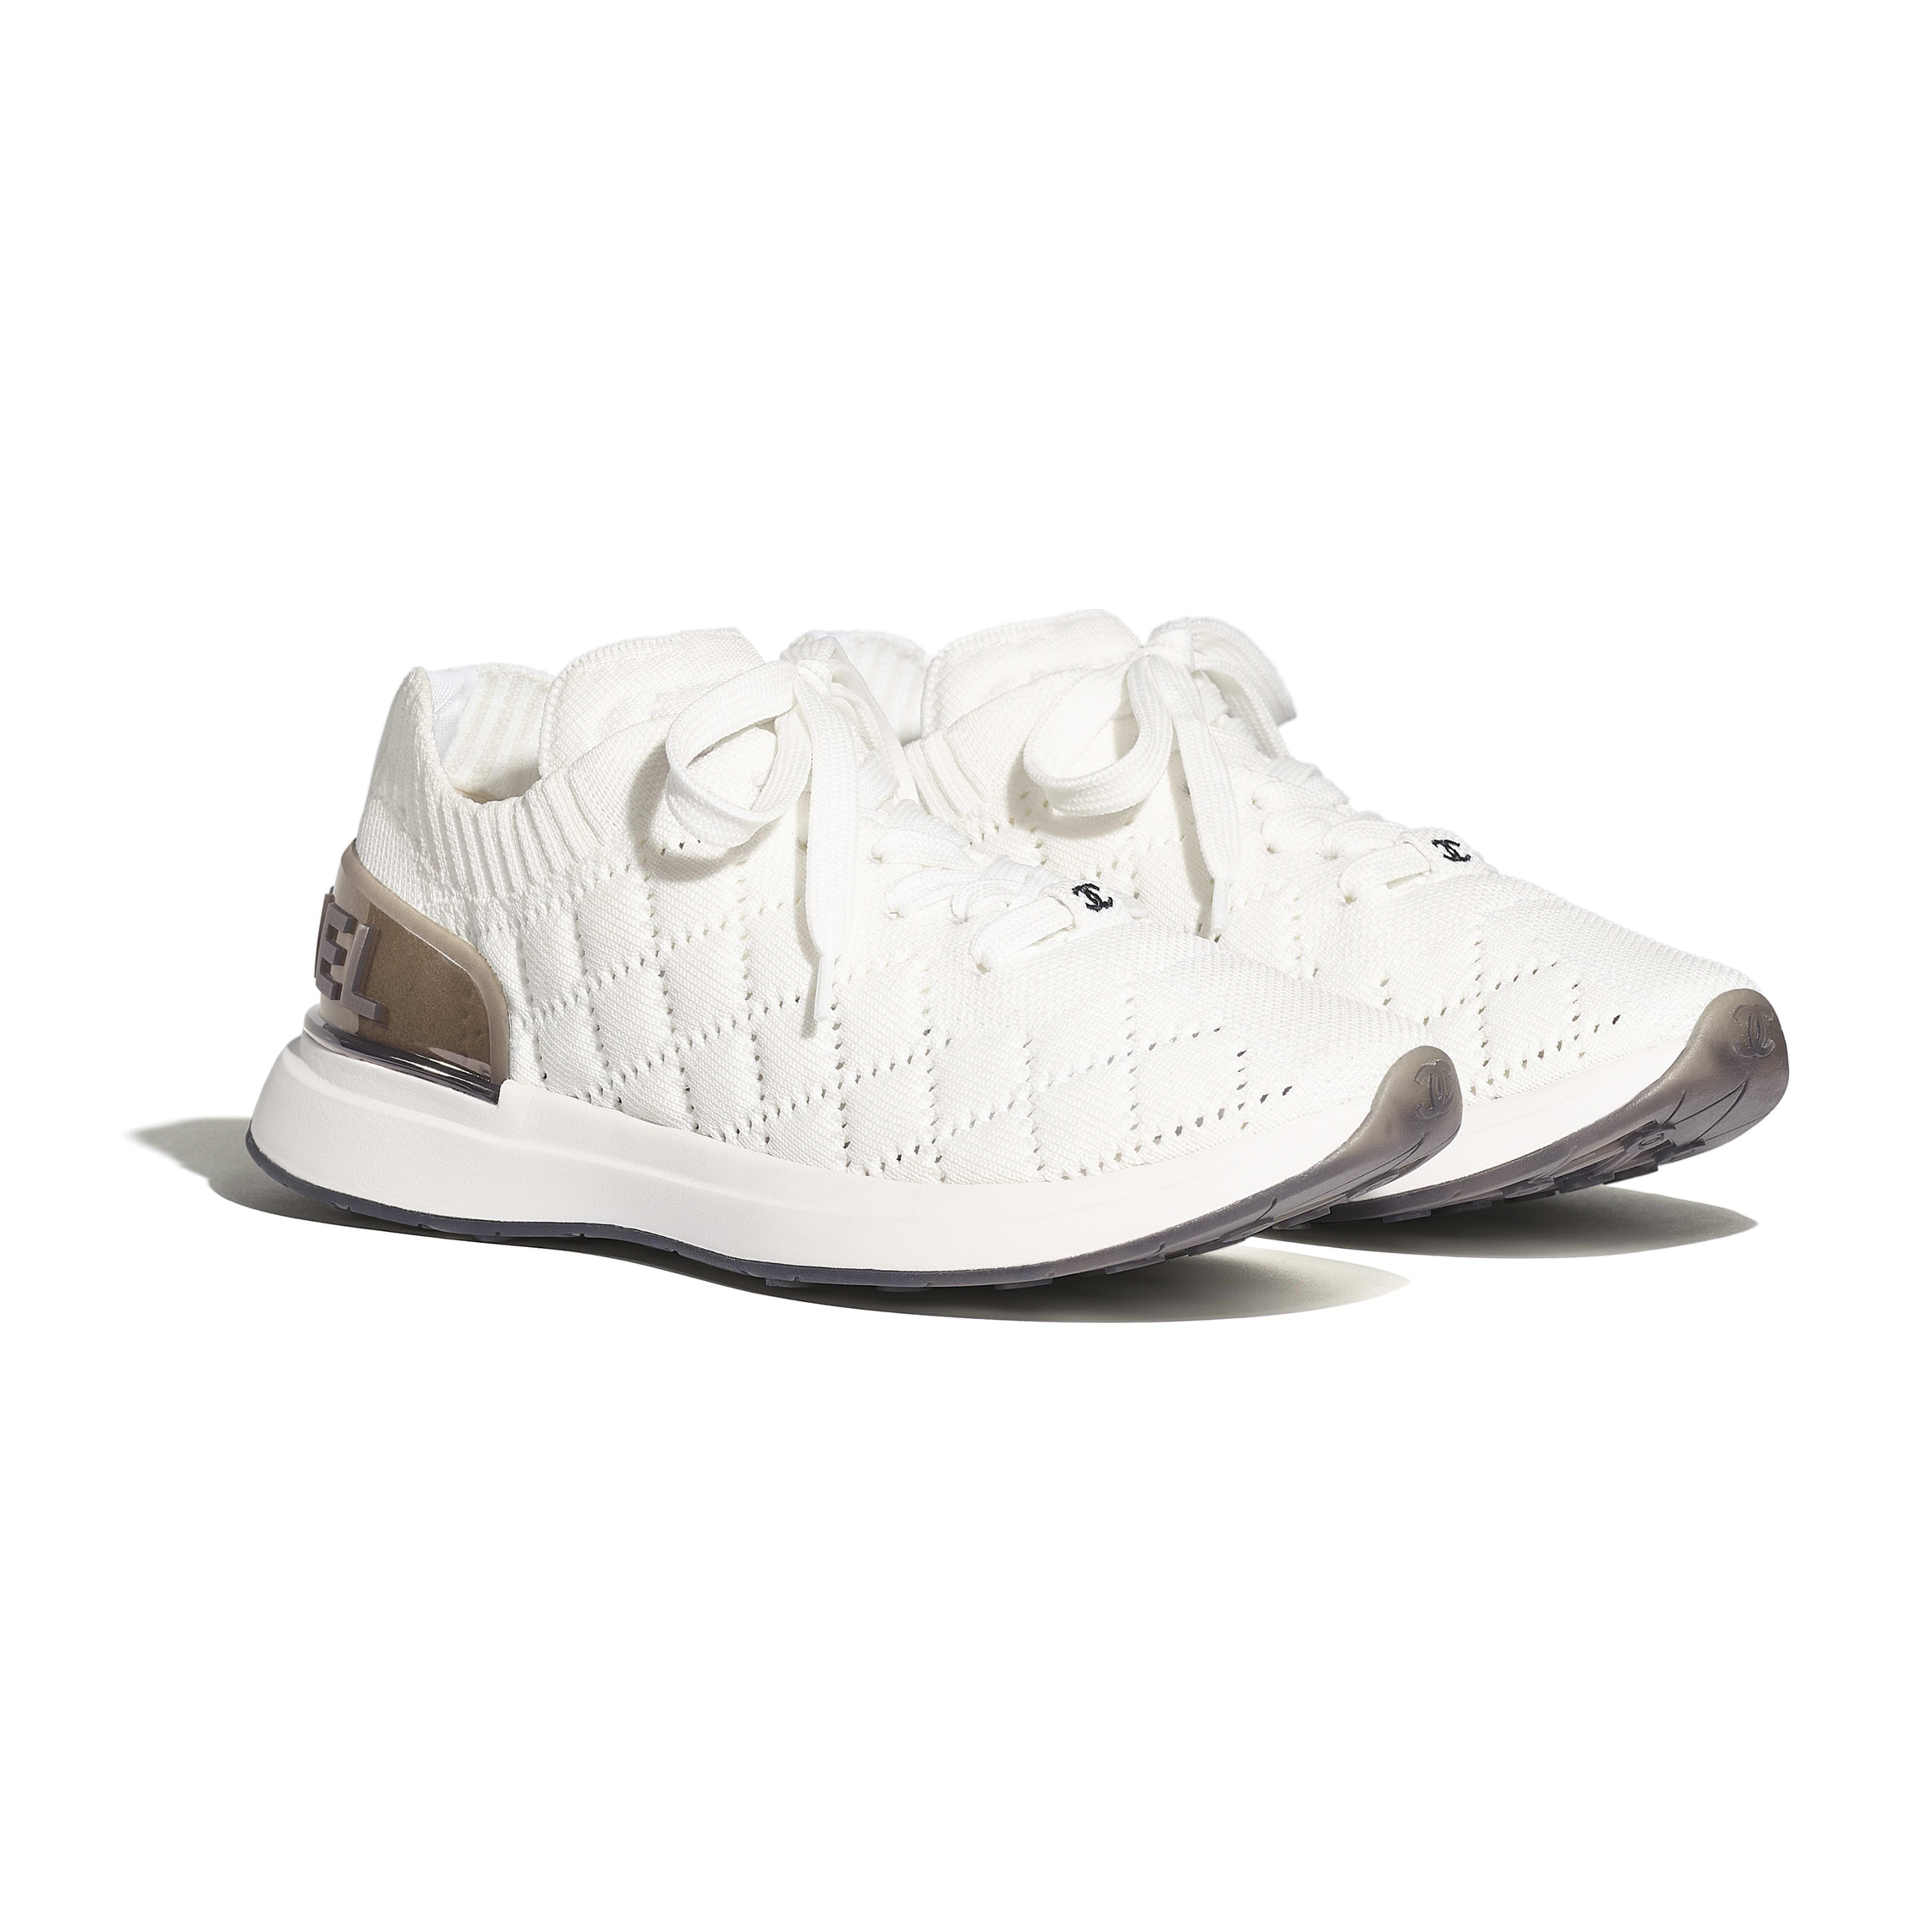 Кроссовки - Белый - Меланж - Альтернативный вид - посмотреть полноразмерное изображение